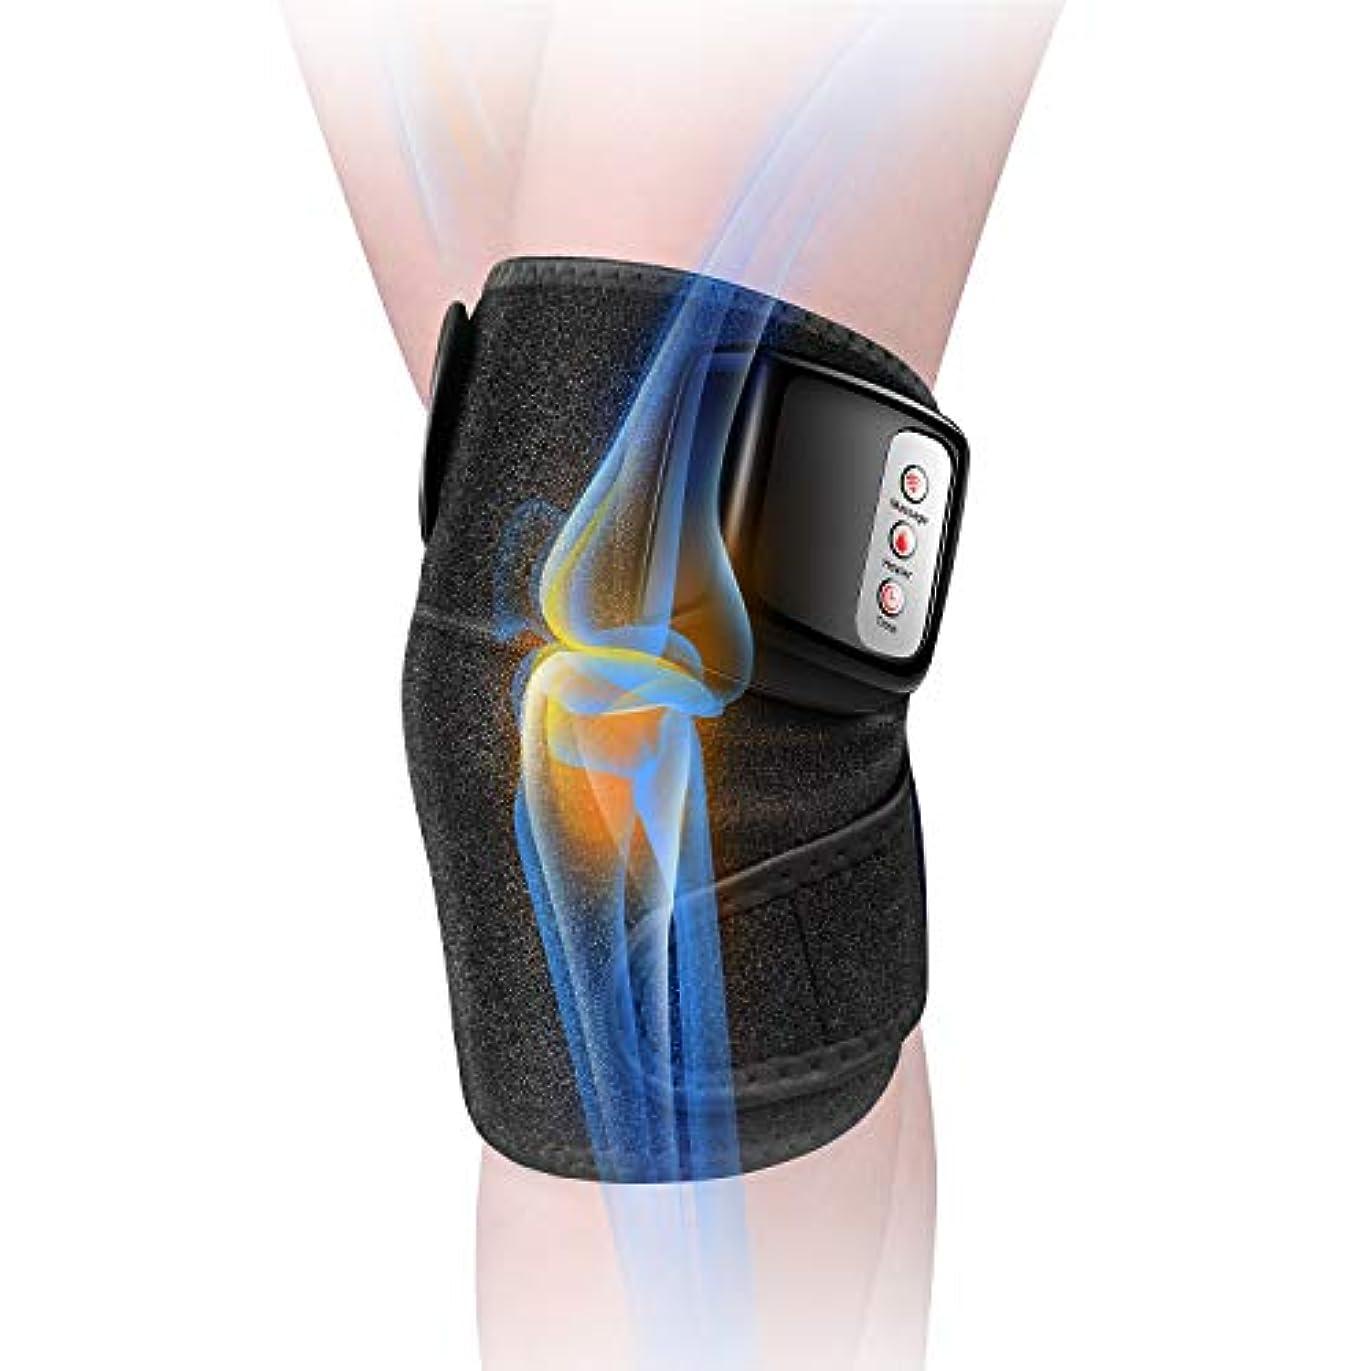 クレタ科学露出度の高い膝マッサージャー 関節マッサージャー マッサージ器 フットマッサージャー 振動 赤外線療法 温熱療法 膝サポーター ストレス解消 肩 太もも/腕対応